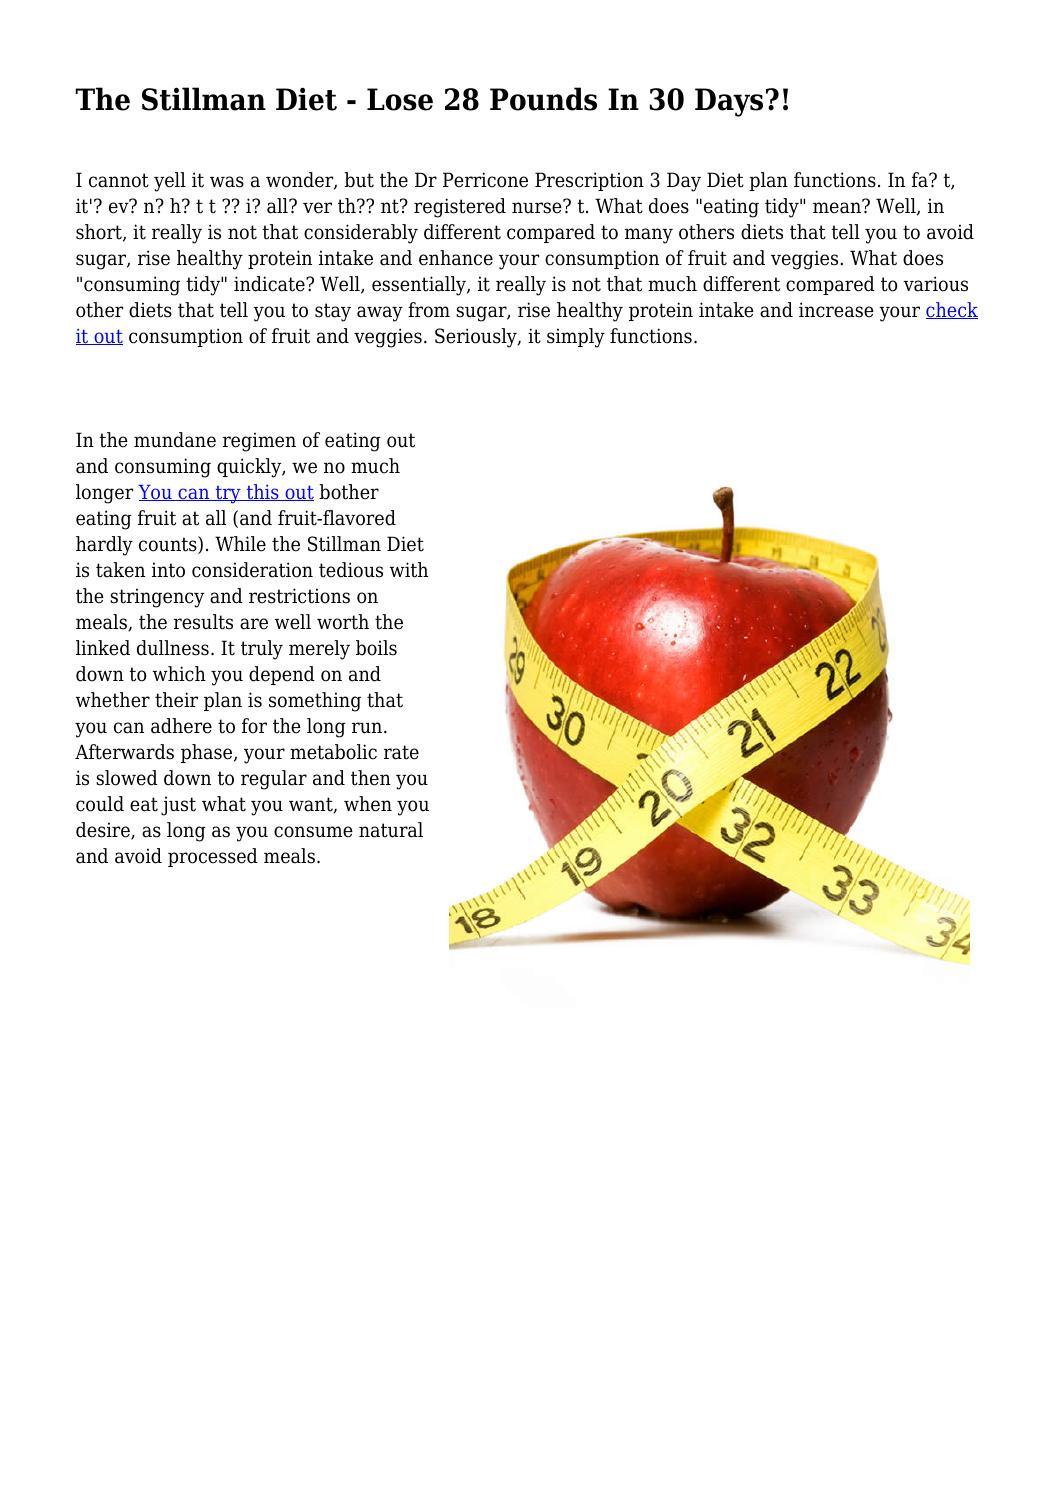 What is the Stillman Diet?